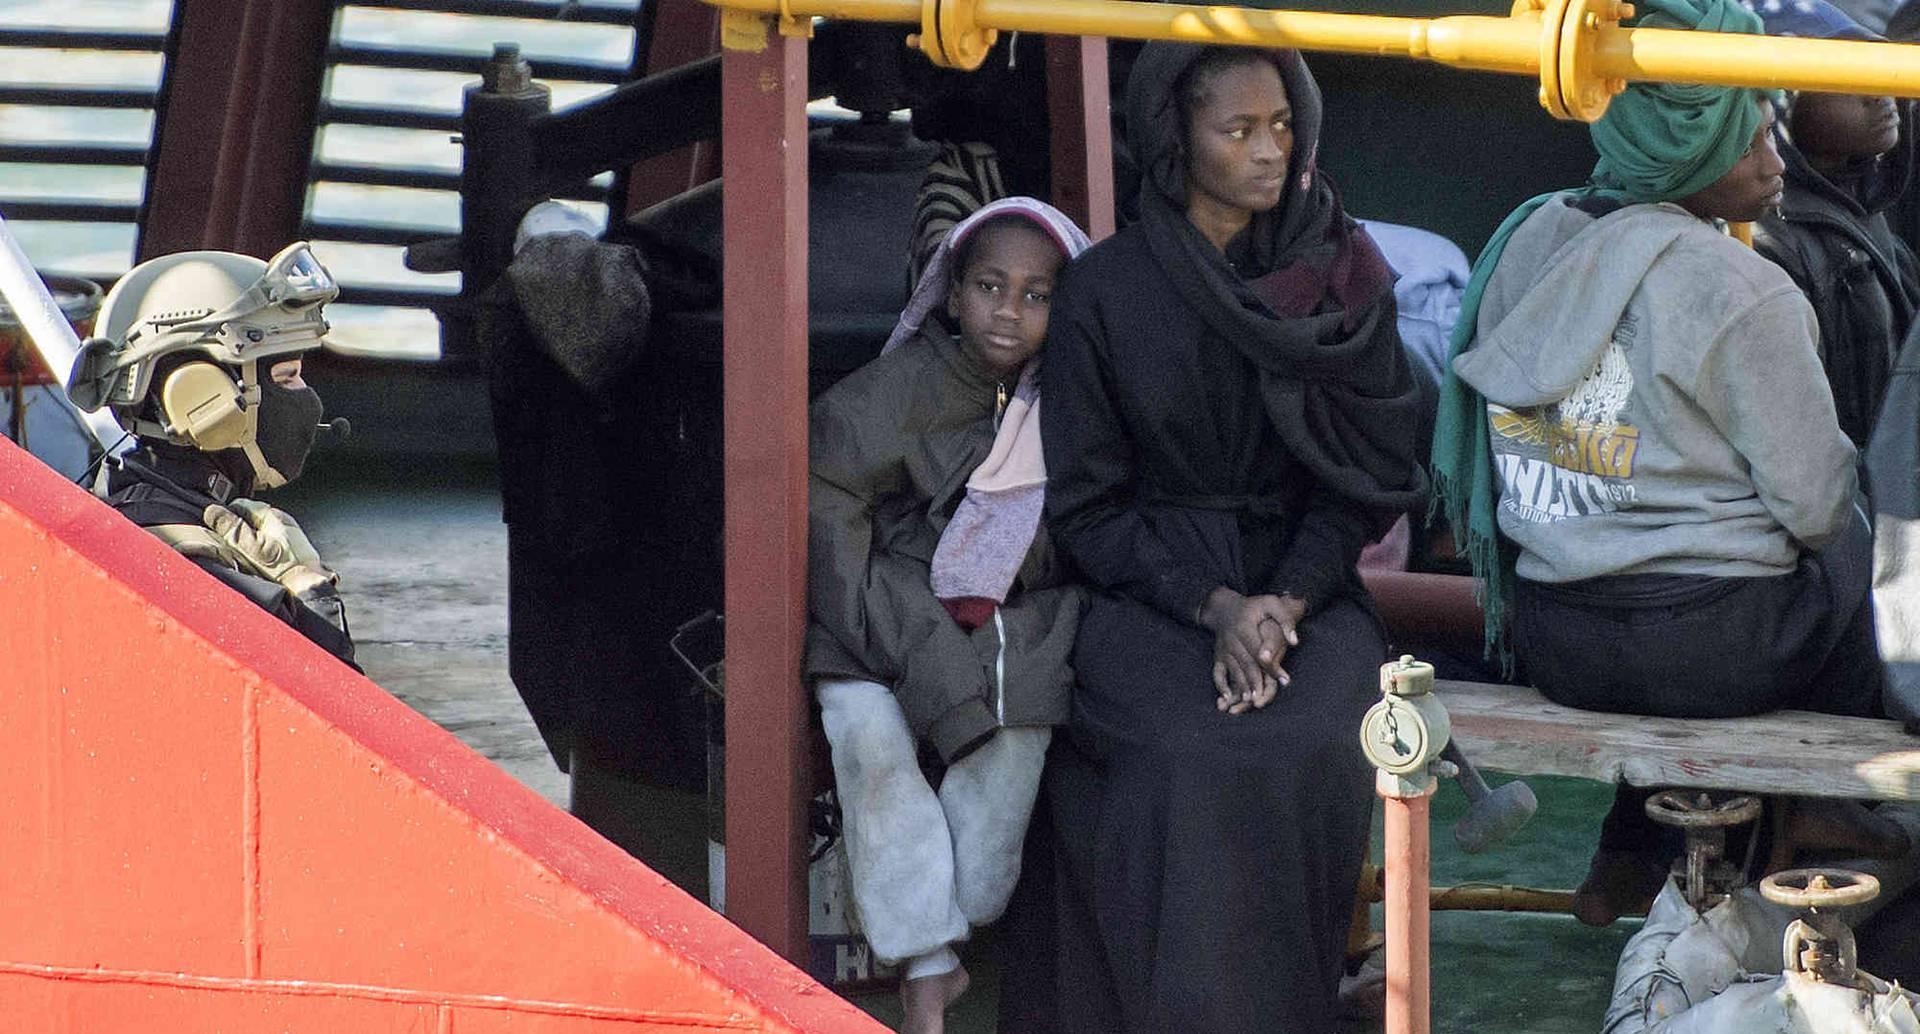 La mujer espera a que le resuelvan su situación migratoria. Su hijo, menor de edad, podría ser retenido por organizaciones europeas y separado de ella. Foto: Rene' Rossignaud/AP.